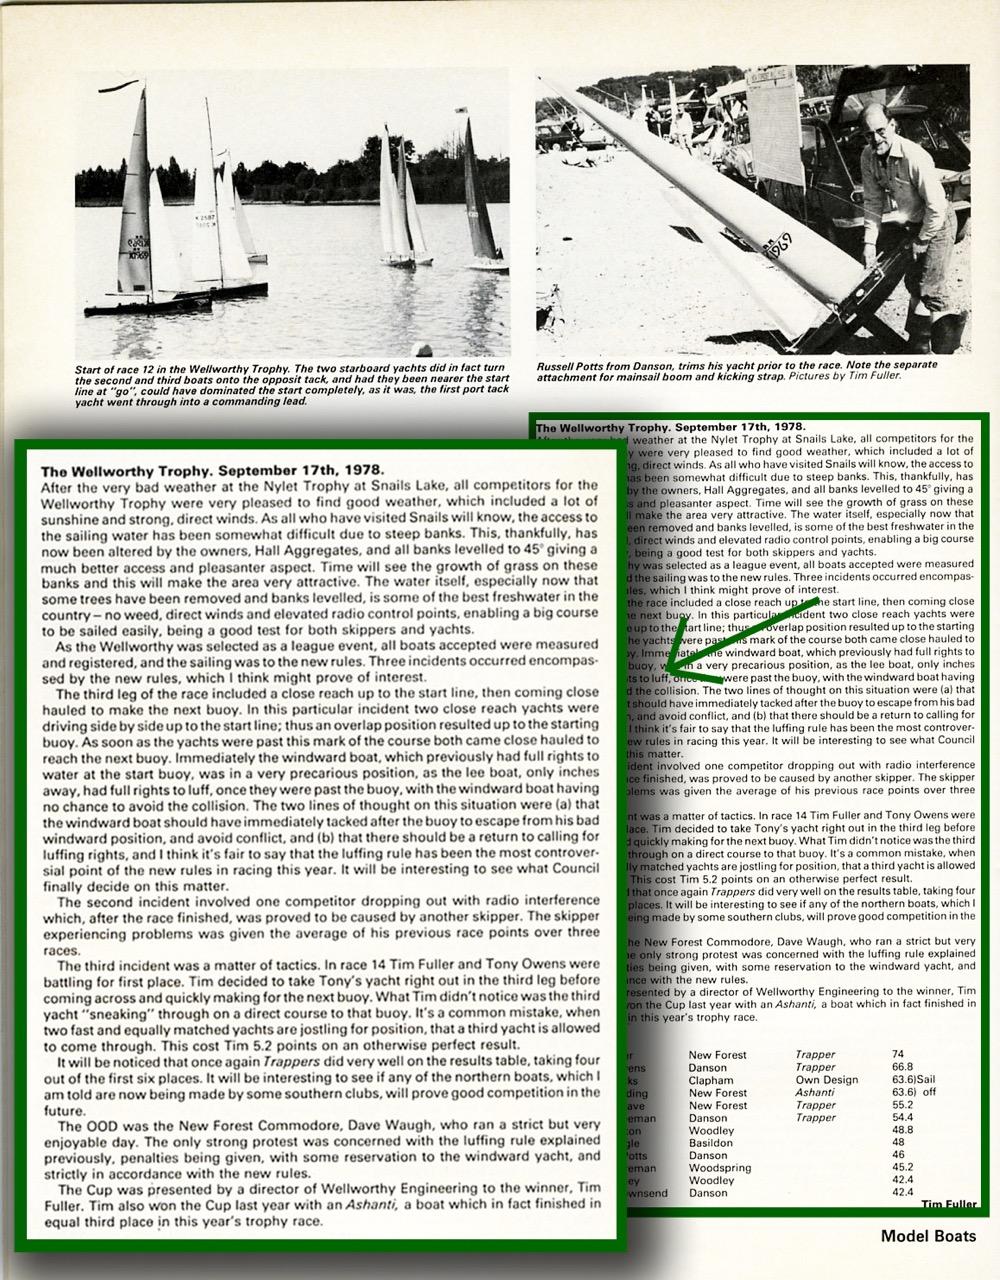 September 78: Snails Lake banks improved